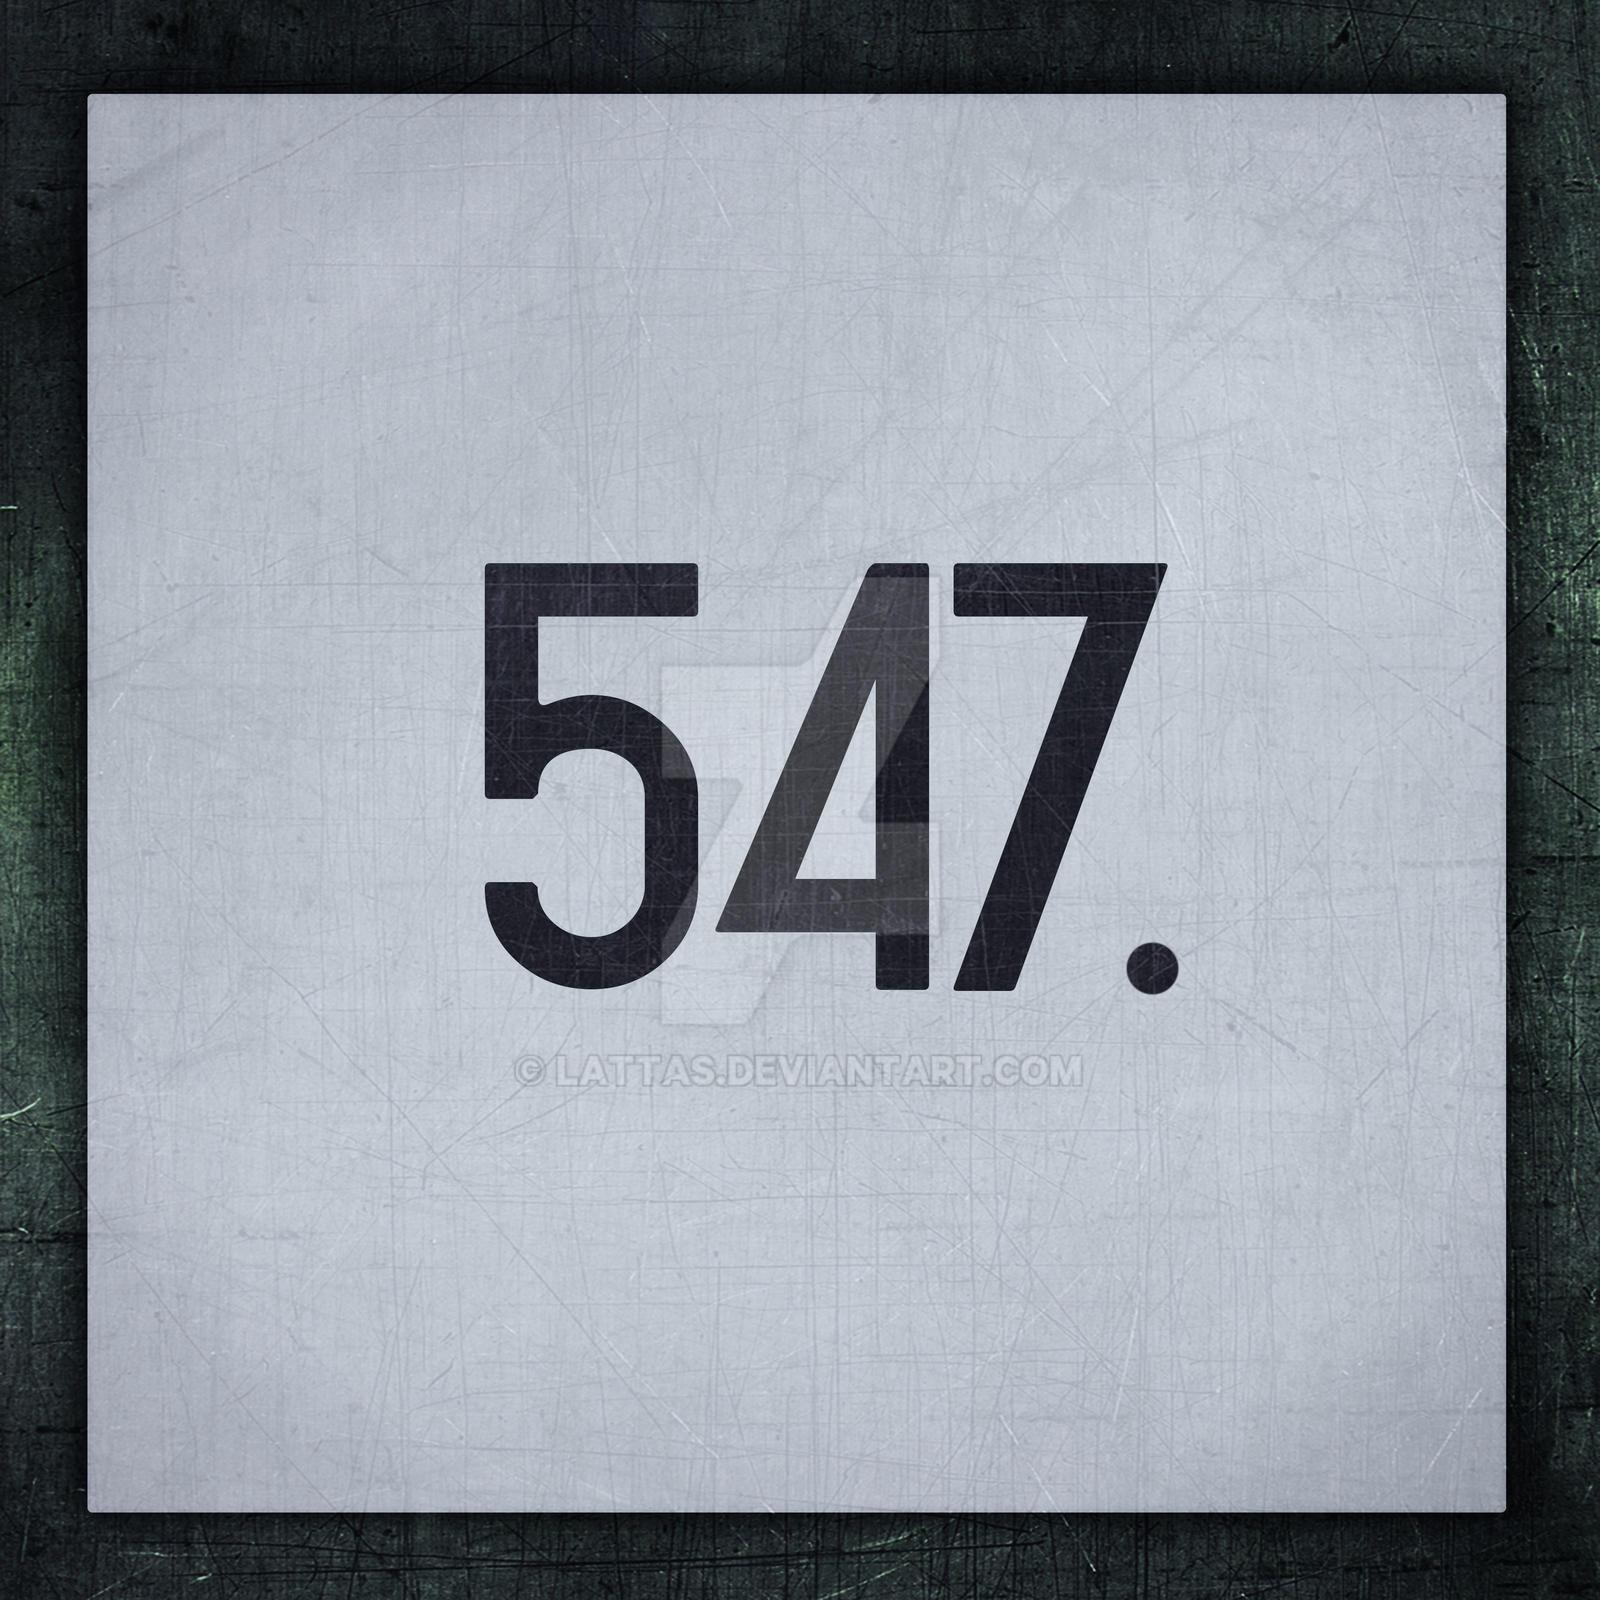 bio album cover